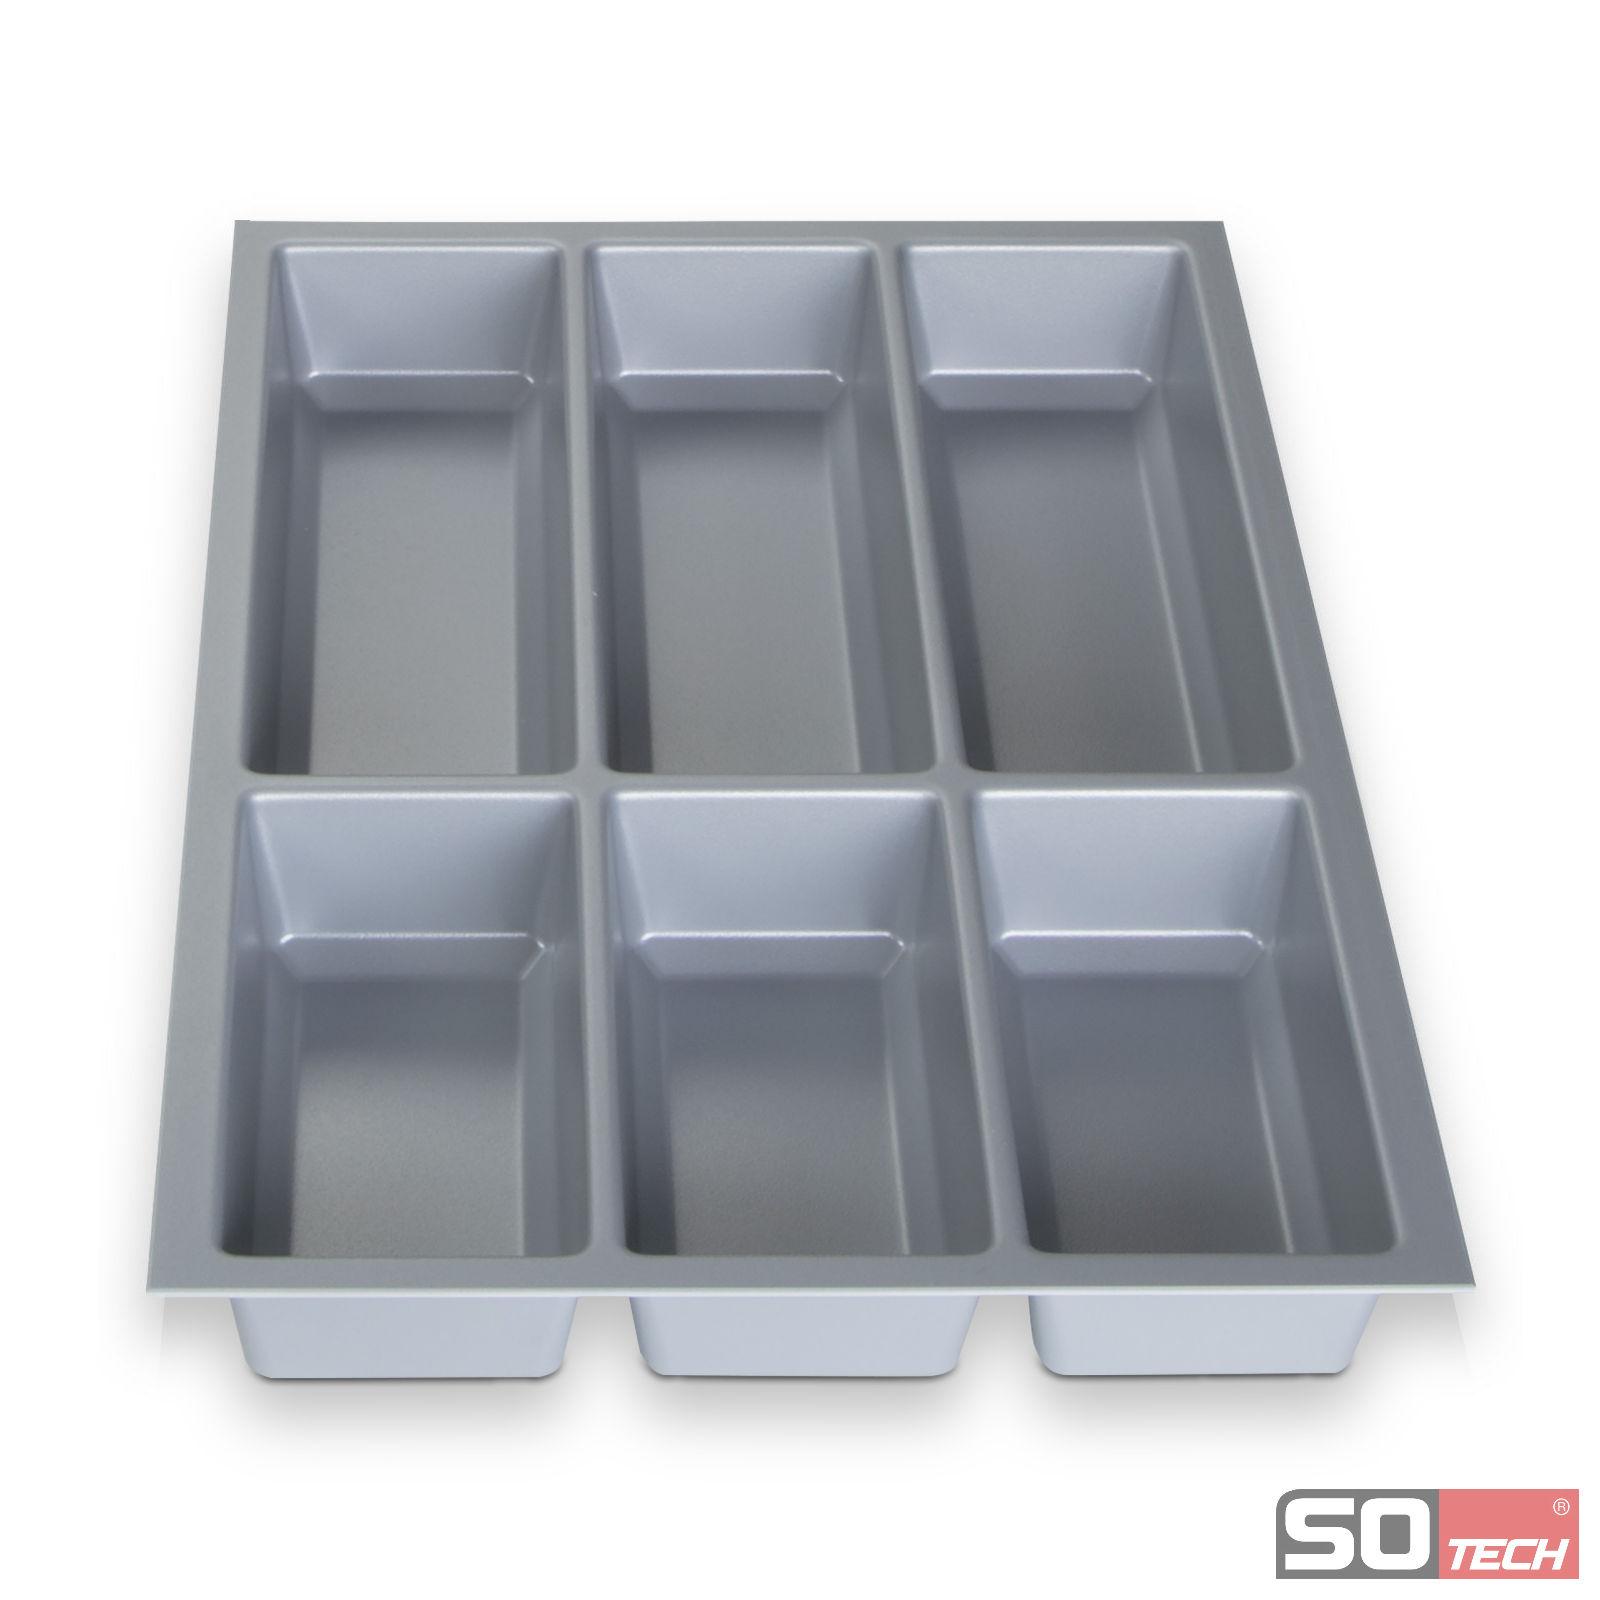 Besteckeinsatz orga box f r 40cm schublade besteckkasten for Ikea besteckeinsatz